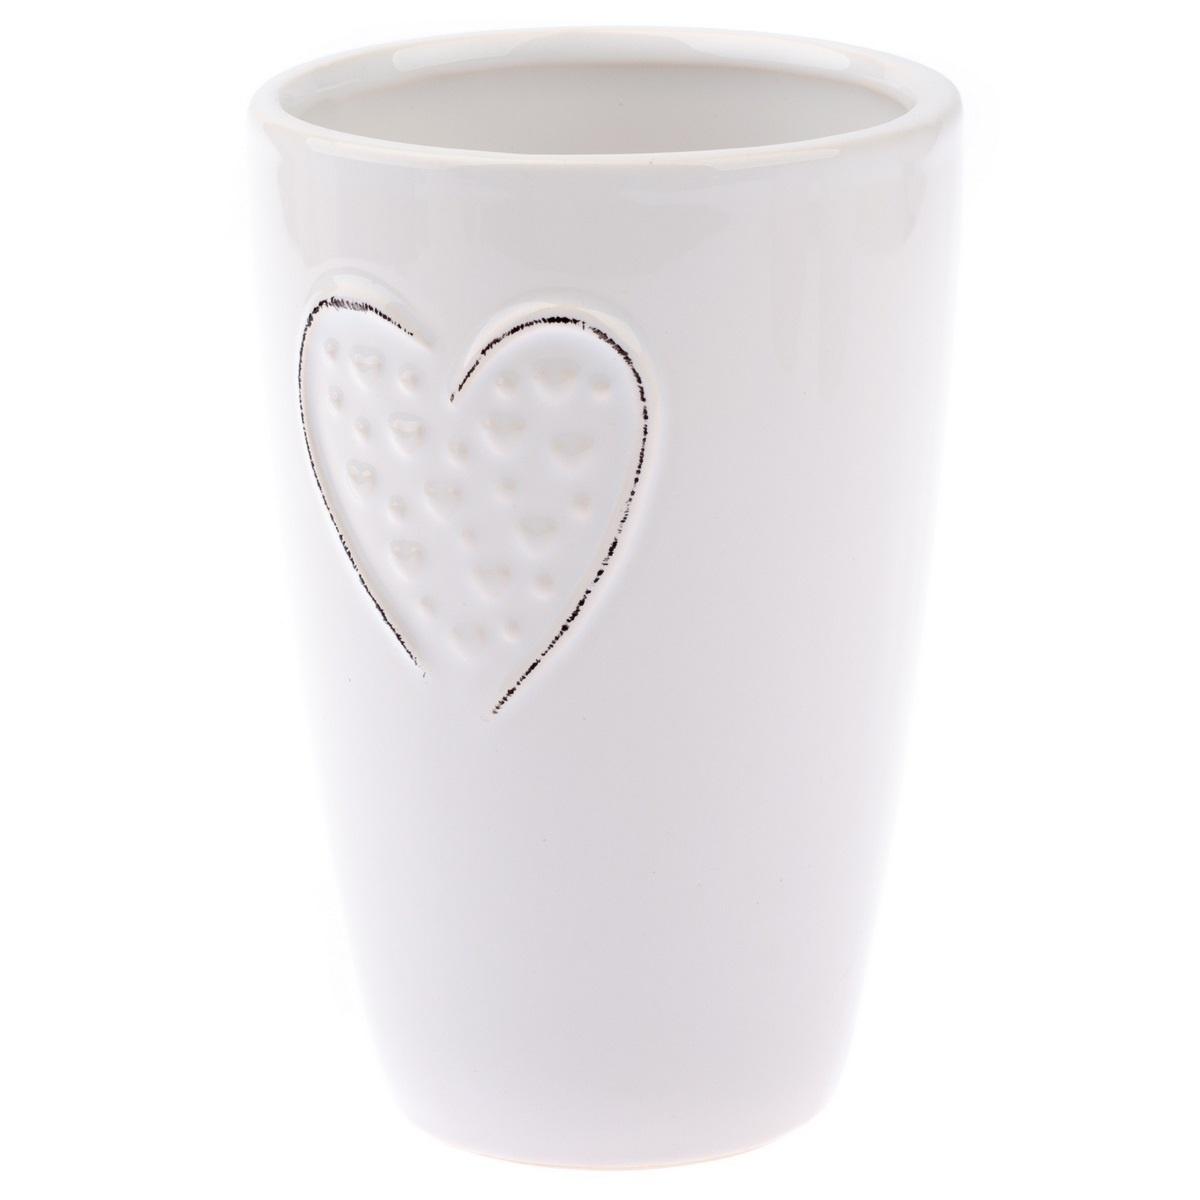 Keramická váza Little hearts bílá, 14,5 cm